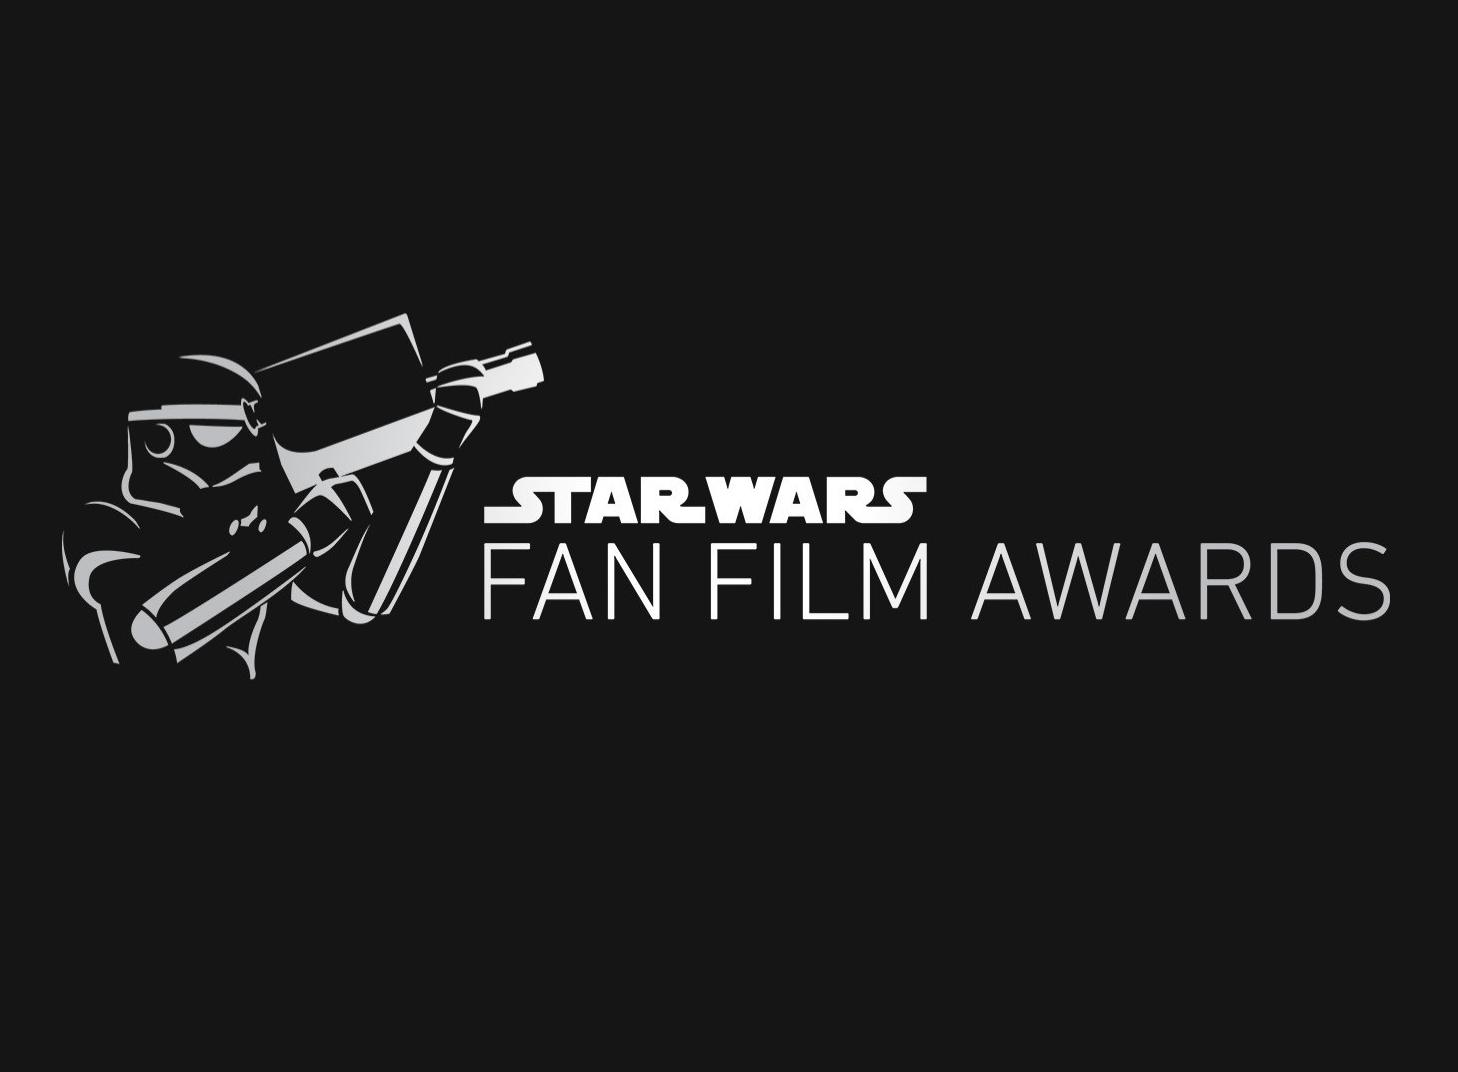 Los Star Wars Fan Film Awards están oficialmente aceptando presentaciones